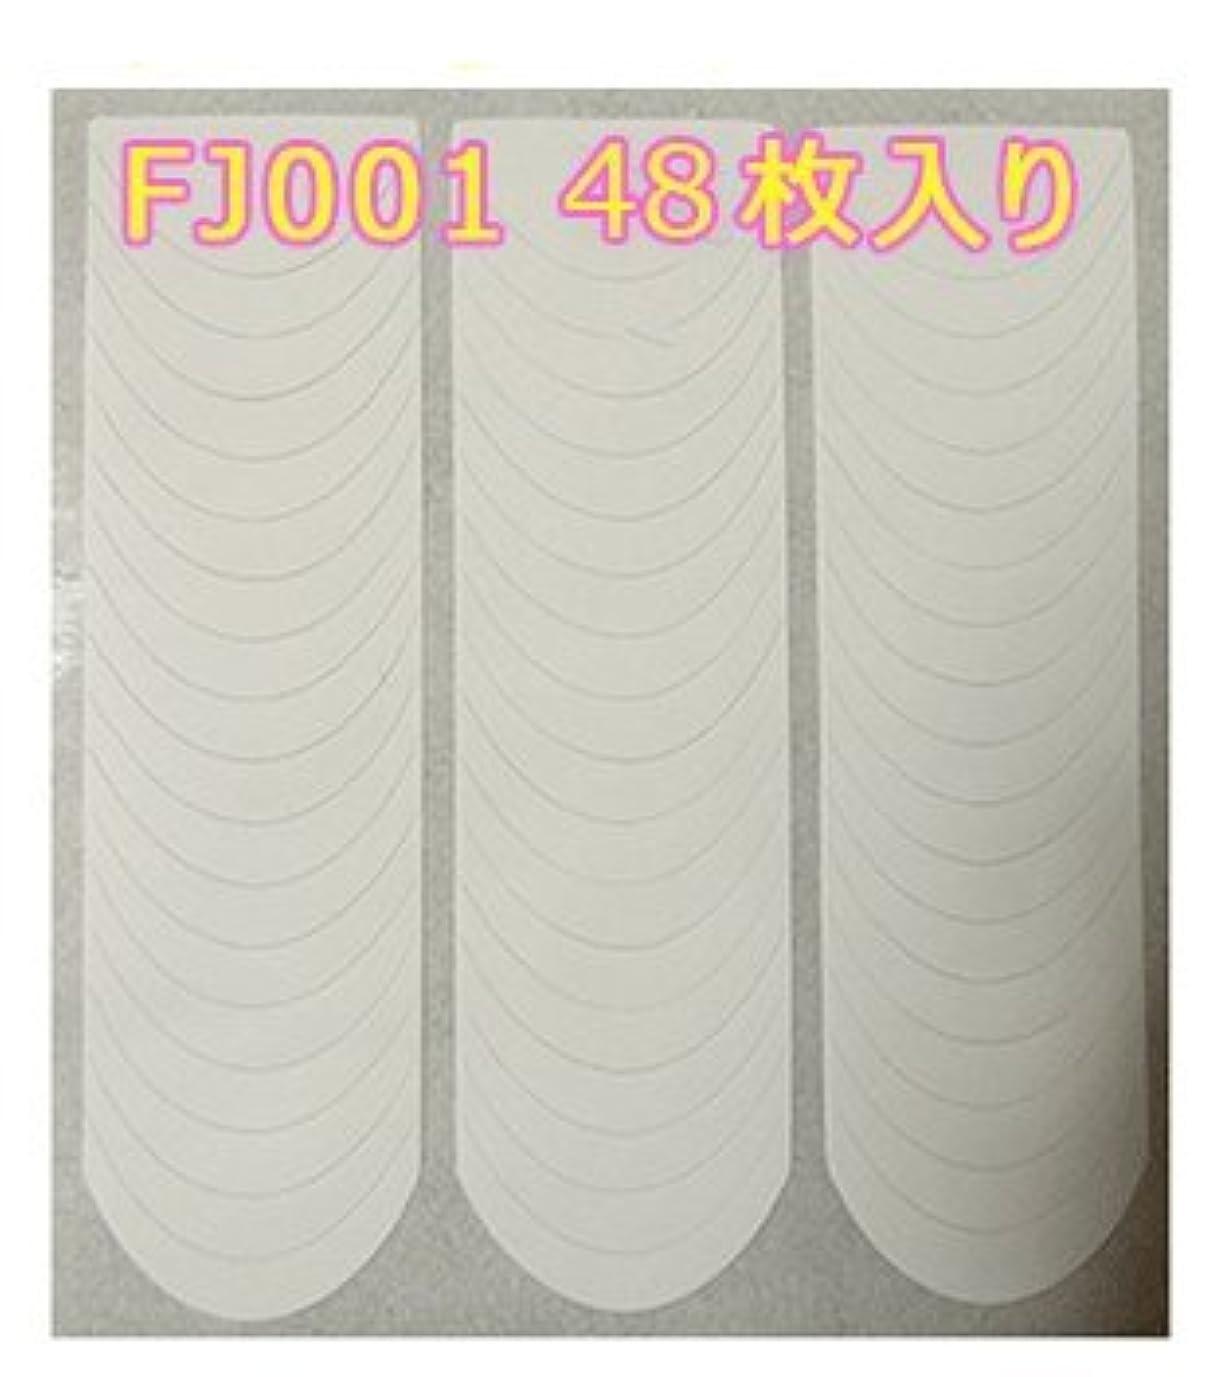 やりすぎタクト千フレンチガイドテープ/フレンチネイルシール/☆選べる4タイプ! (FJ001*48枚入り)